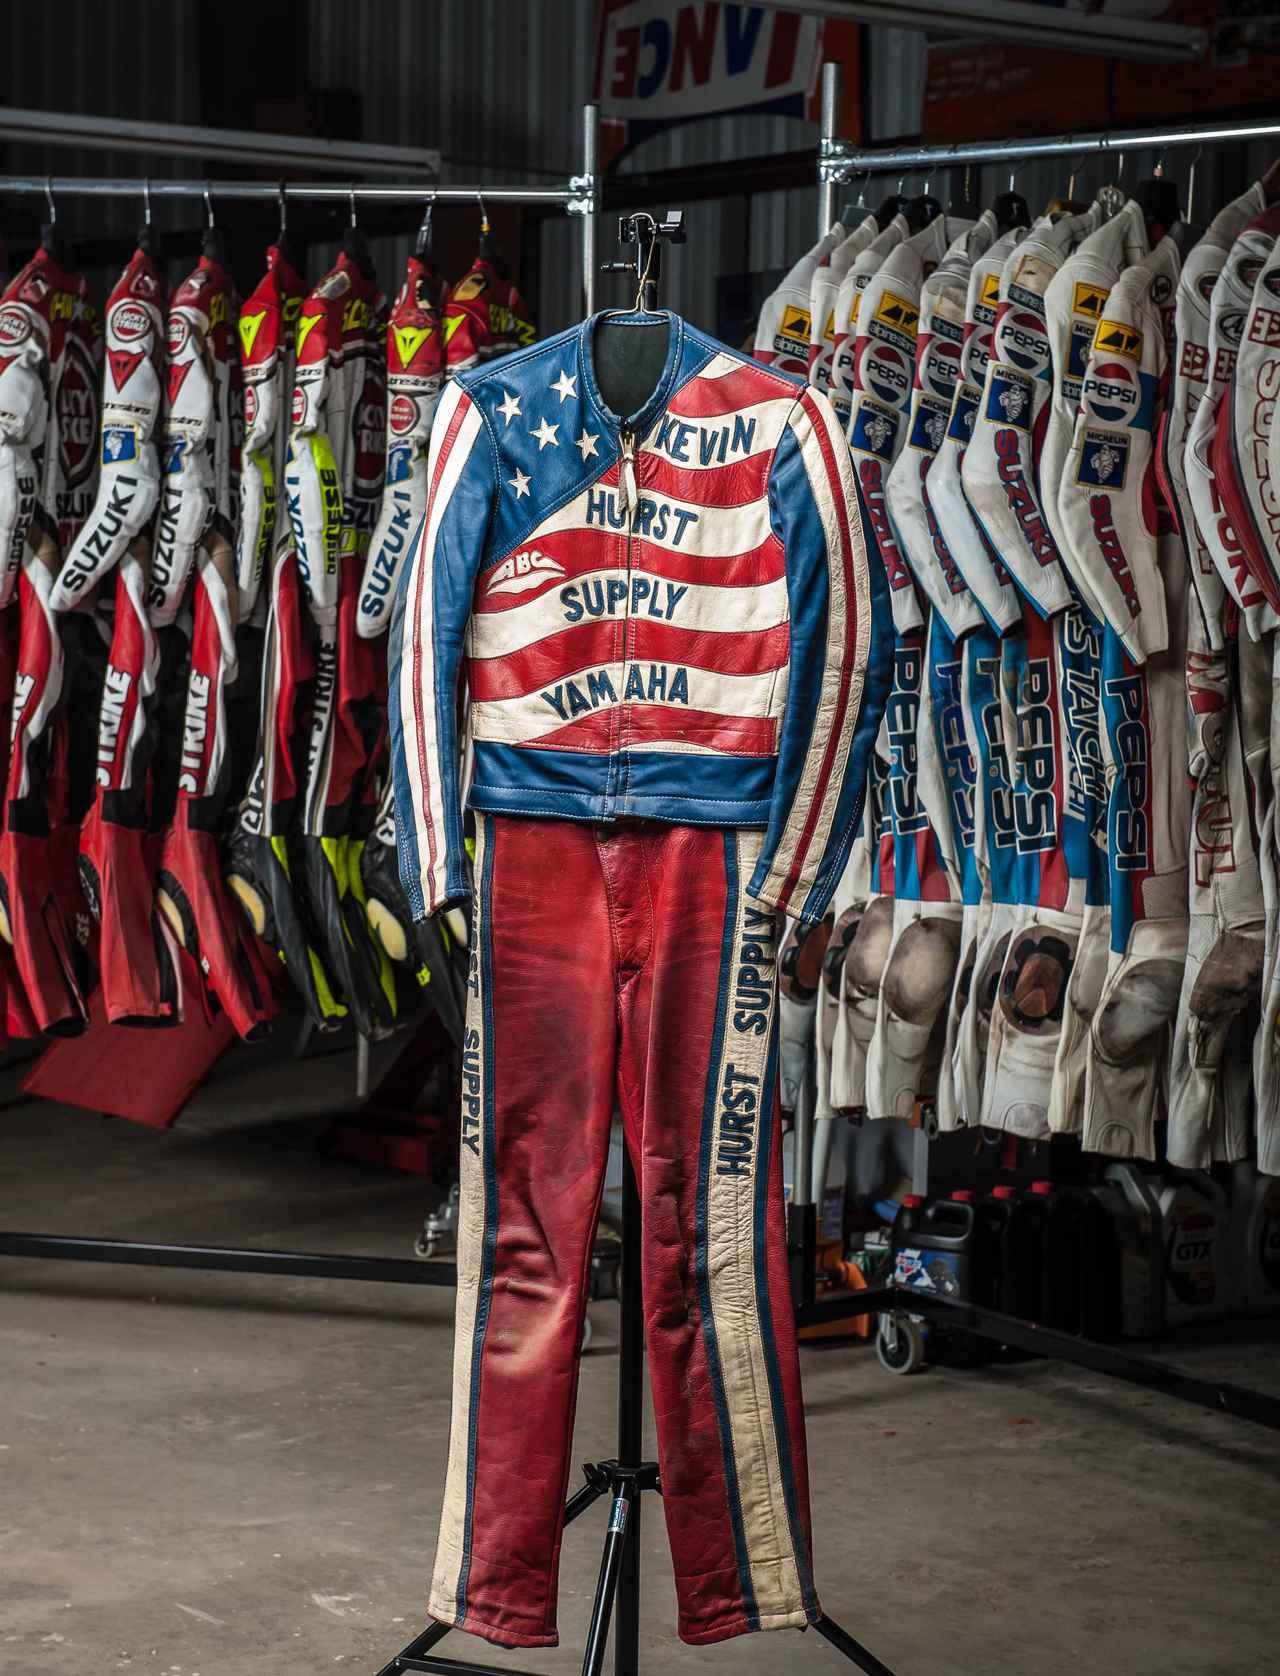 画像: 少年時代のK.シュワンツのレザースーツ。叔父であるダリル・ハーストの店が、レースの活動の拠点でした。 www.americanflattrack.com